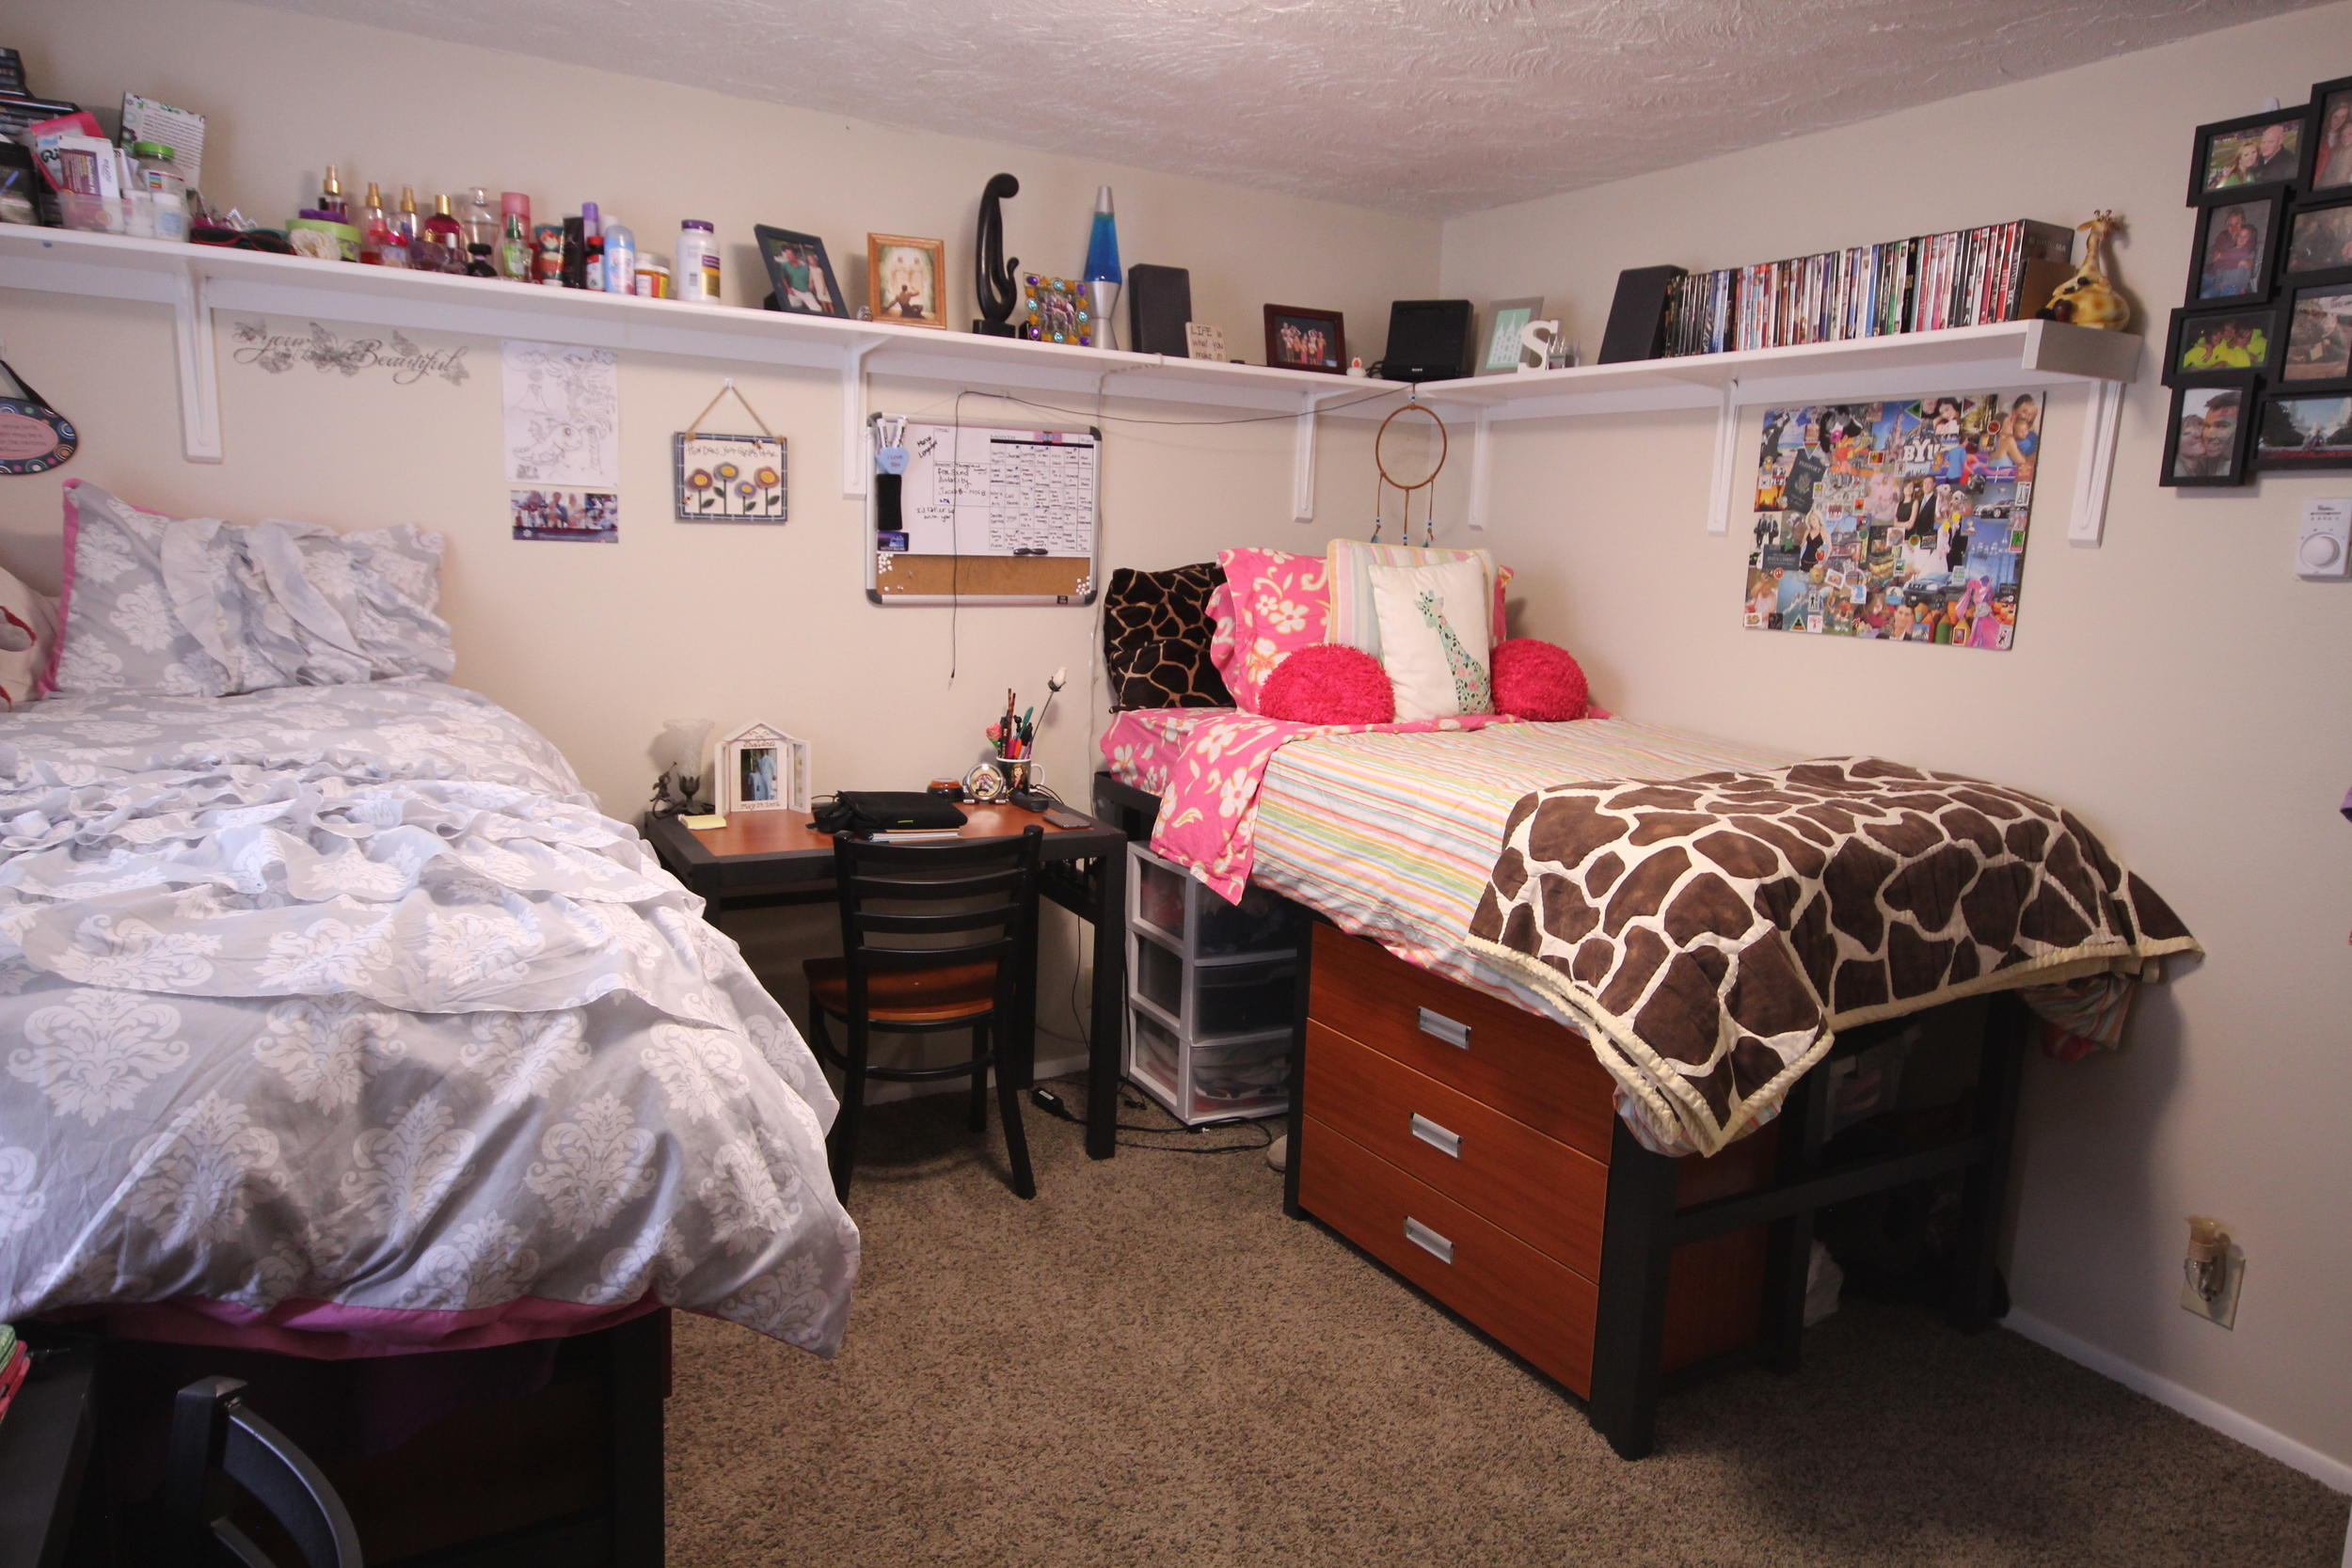 New Bedroom Furniture!